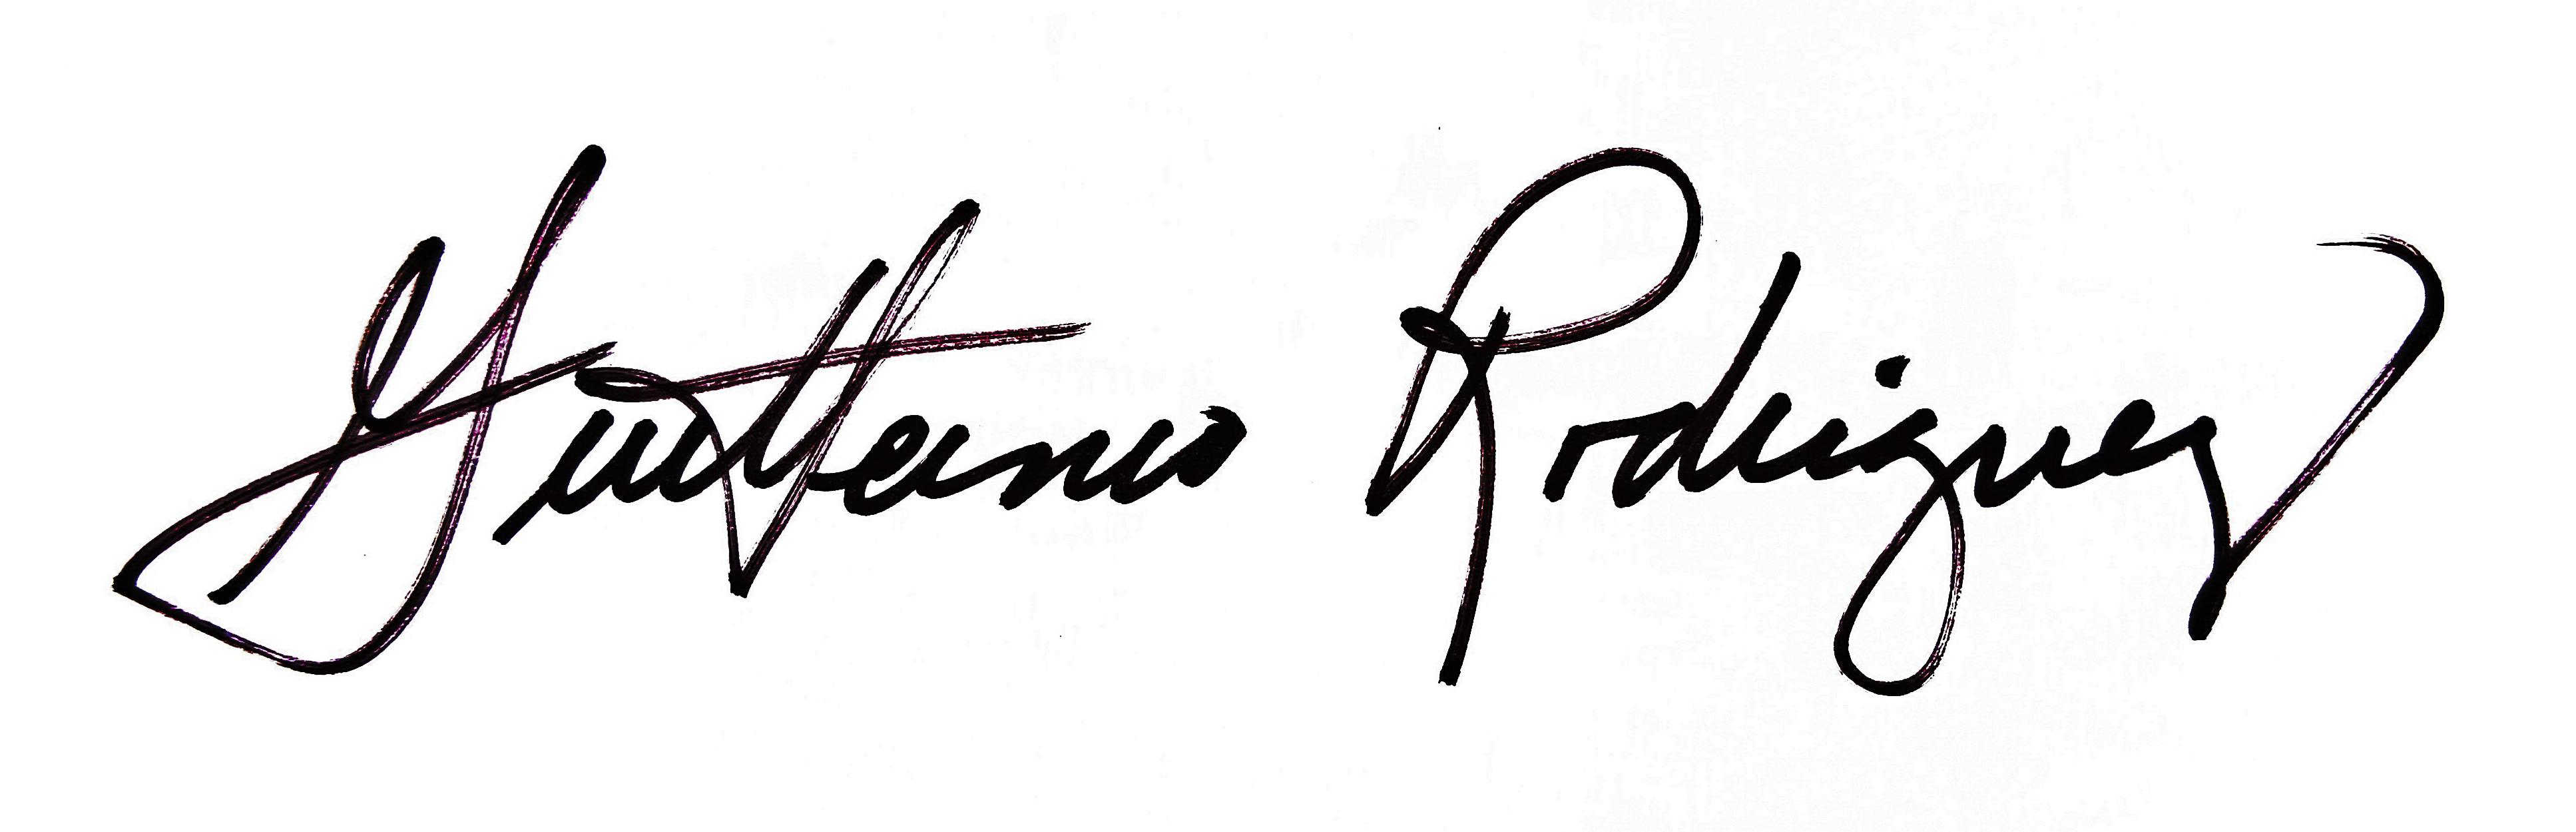 Guillermo Rodriguez's Signature